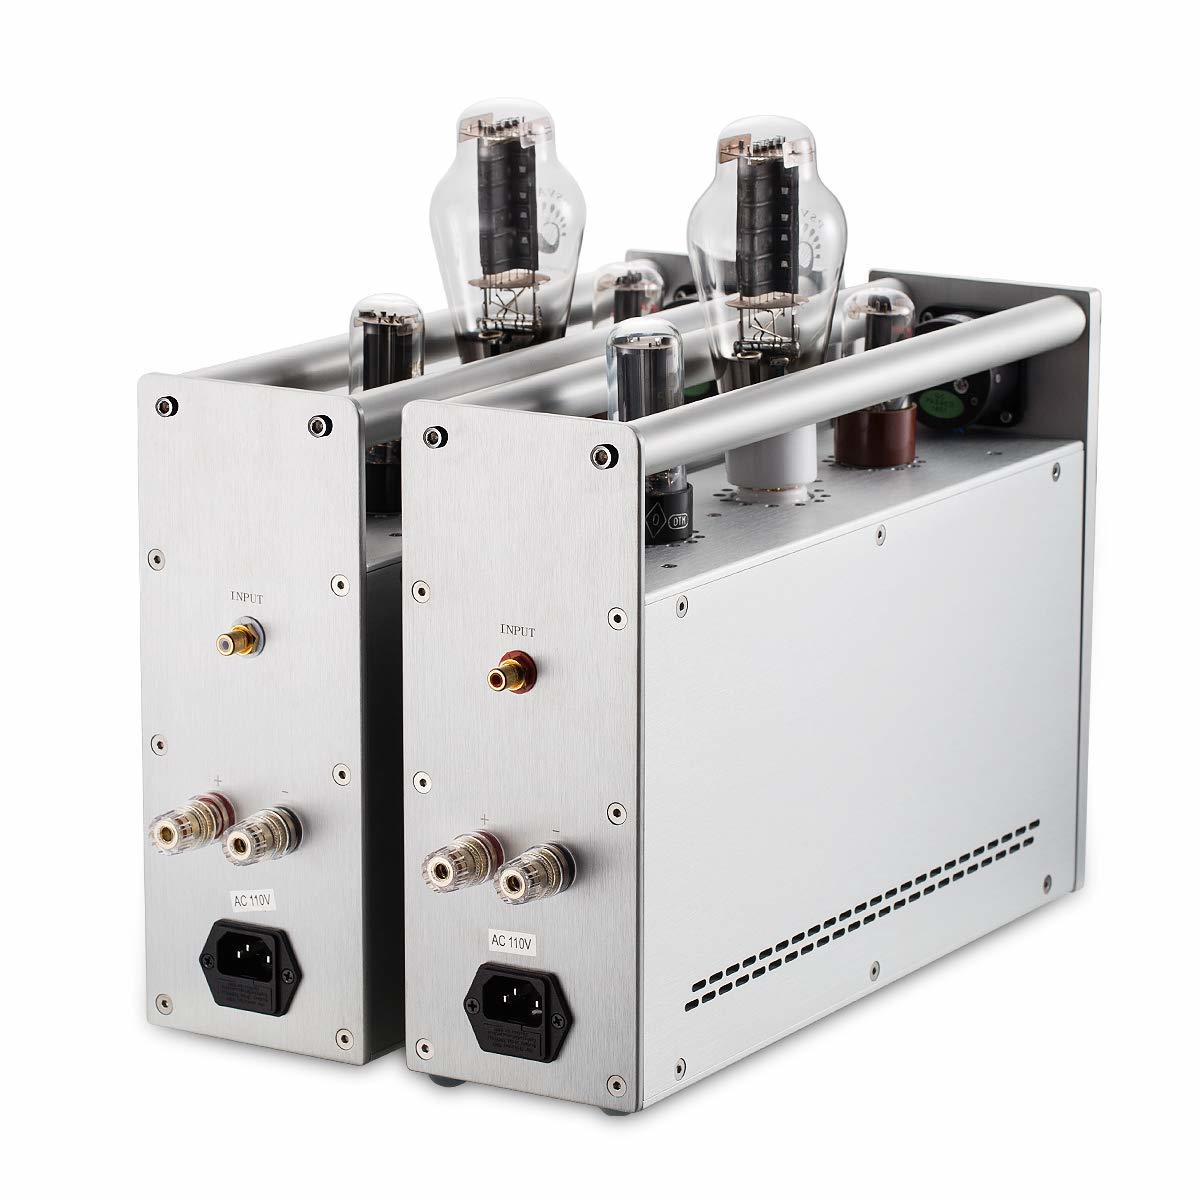 新品 Nobsound 300B Monoblock 真空管アンプ 内蔵アンプ A級 HiFi パワーアンプ オーディオアンプ バルブアンプ (SKU:DJ467-JJテスラ300B)_画像4